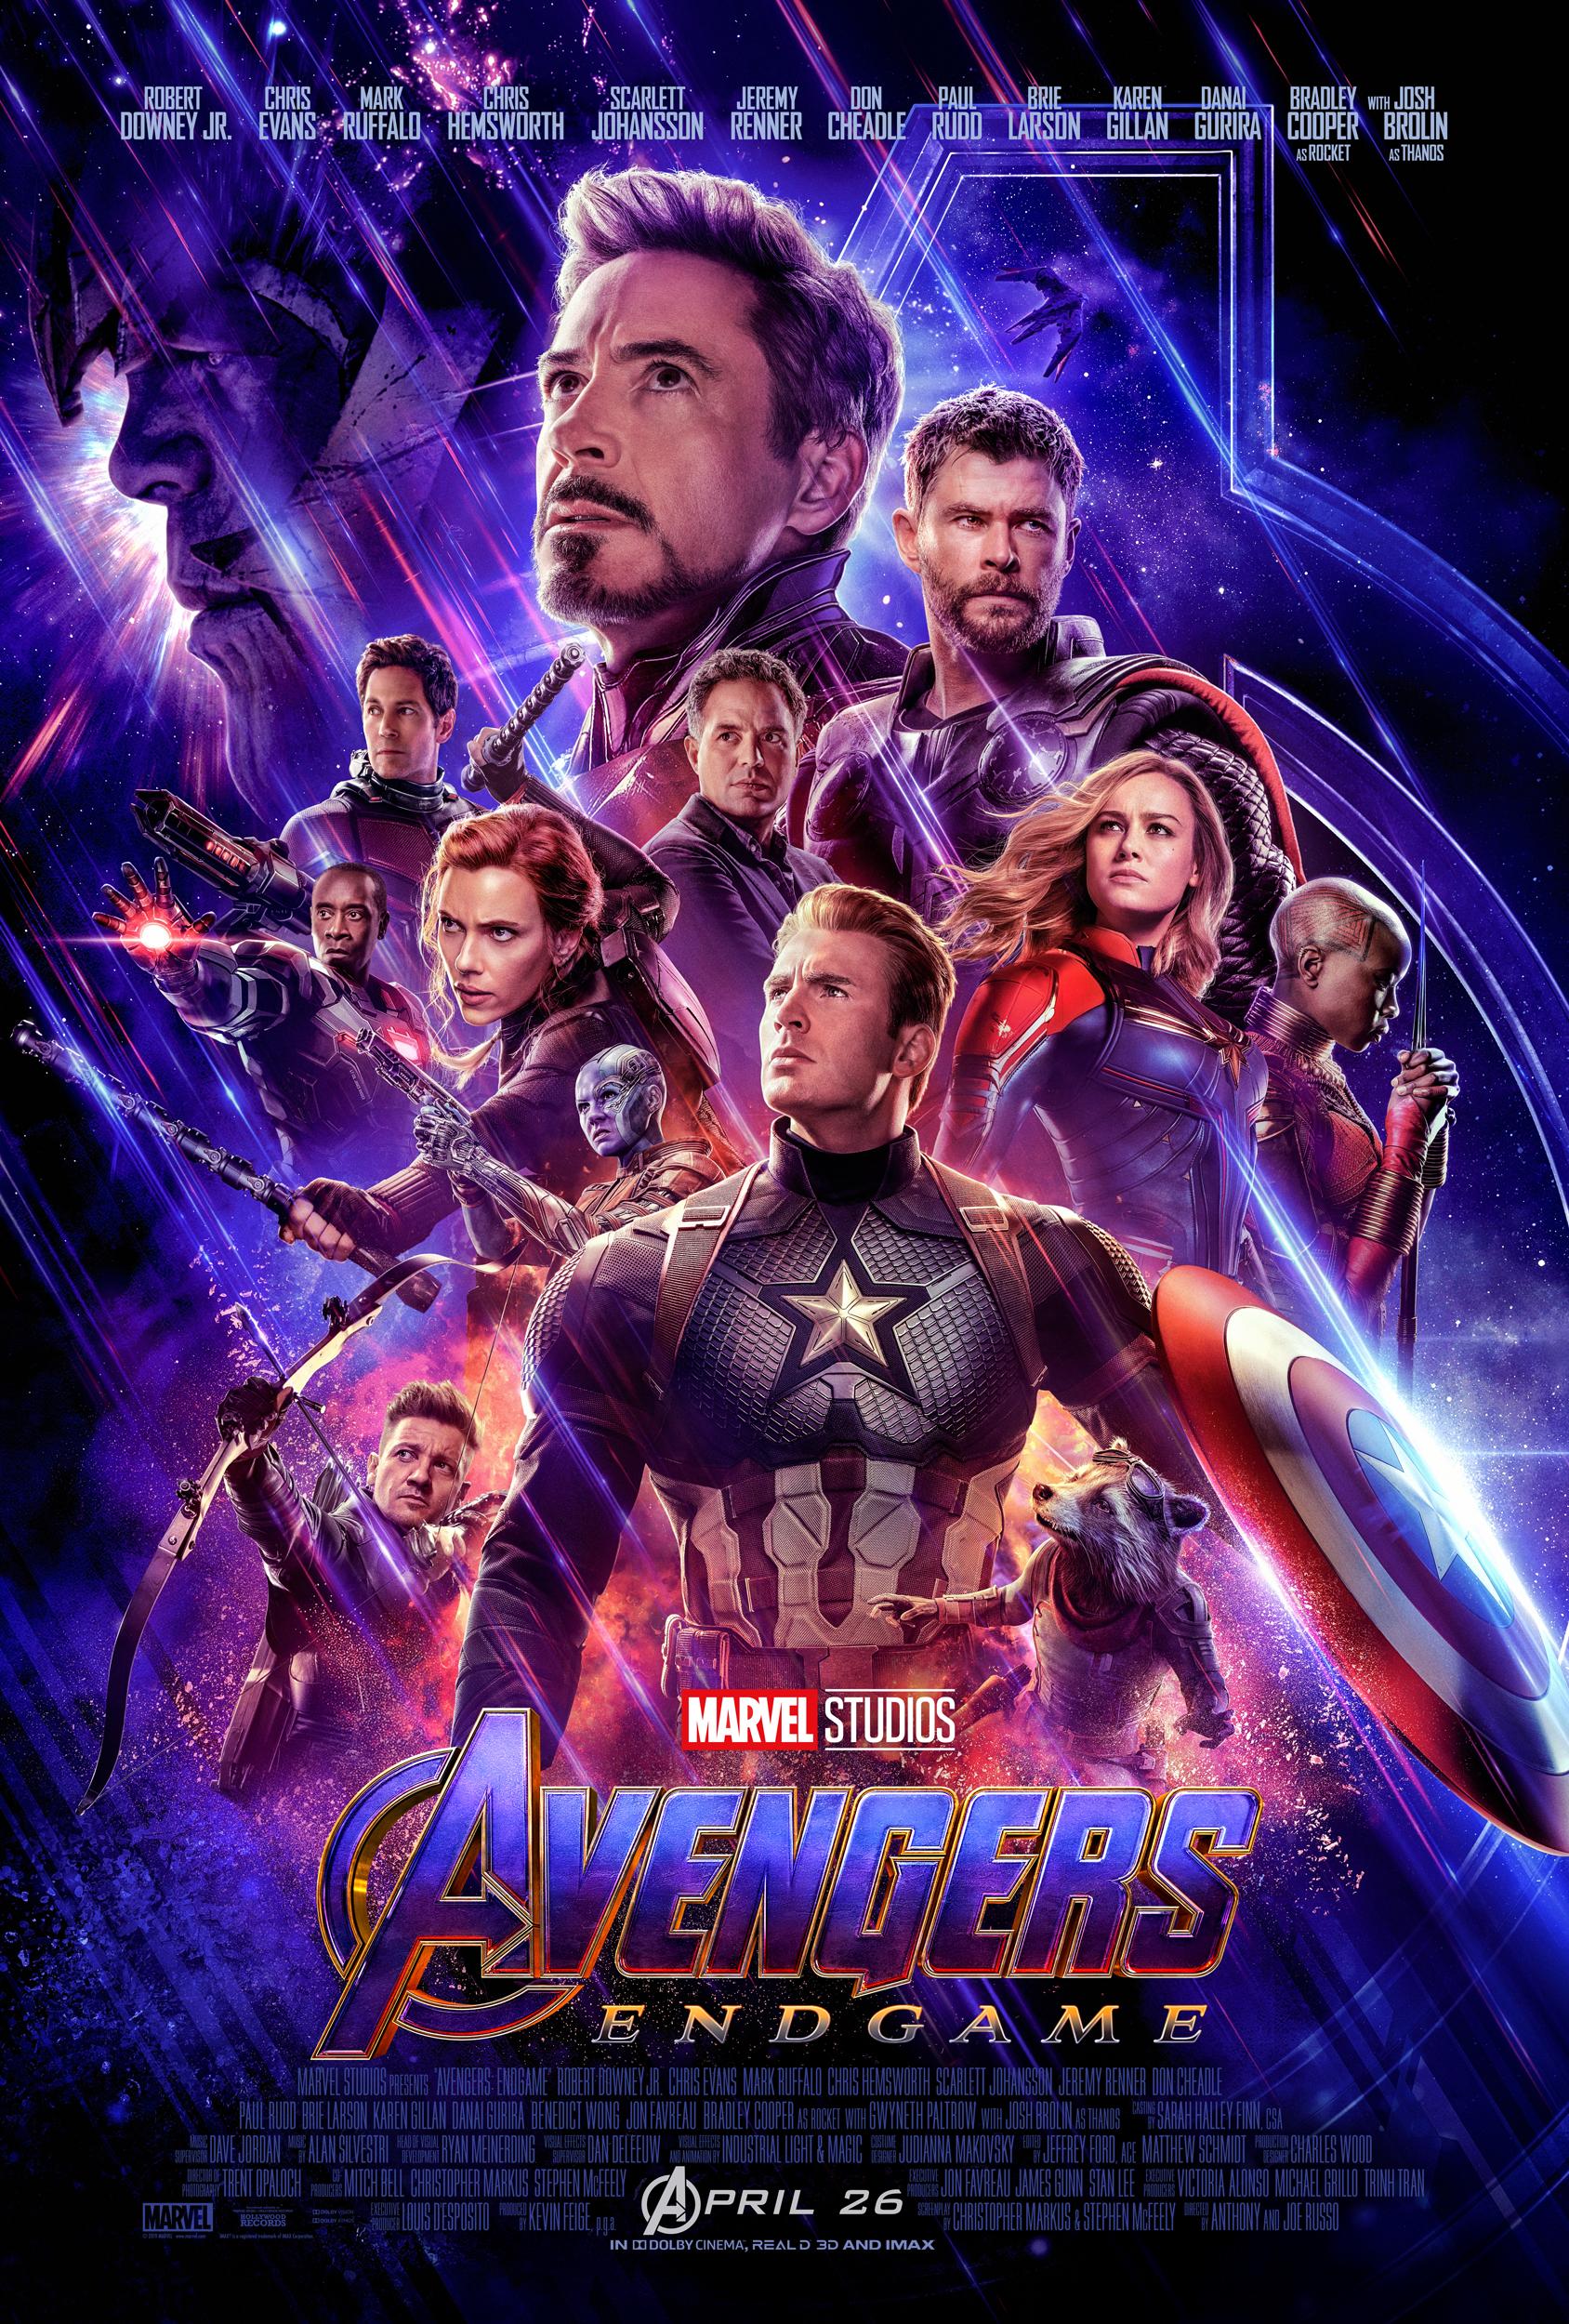 Avengers: Endgame Teaser Poster